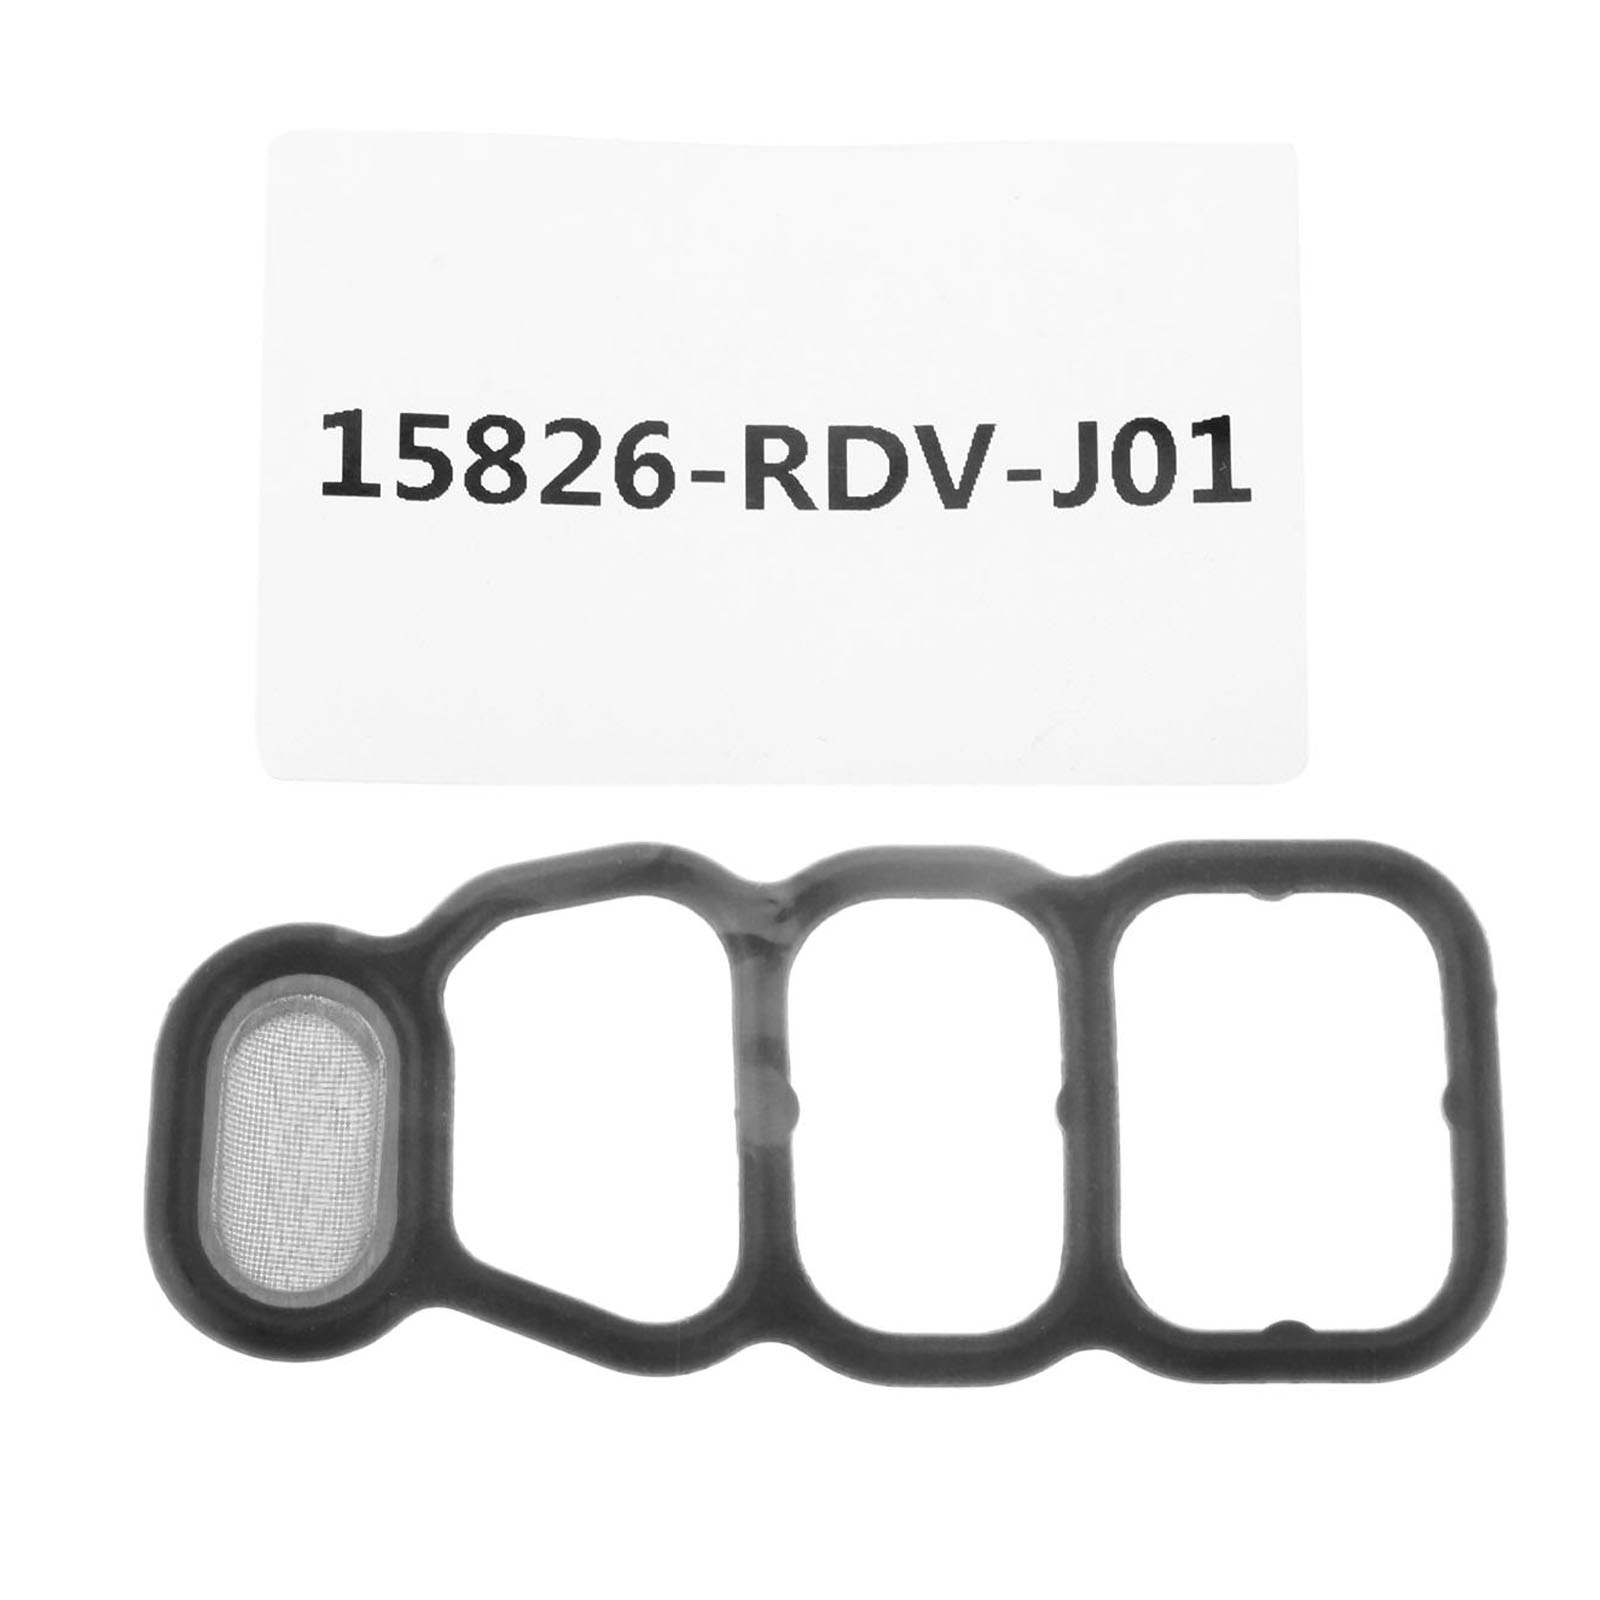 1pc cabeça do cilindro junta solenóide vtec filtro gaxeta para honda odyssey piloto accord híbrido 2006 2007 15826-rdv-j01 15826rdvj01